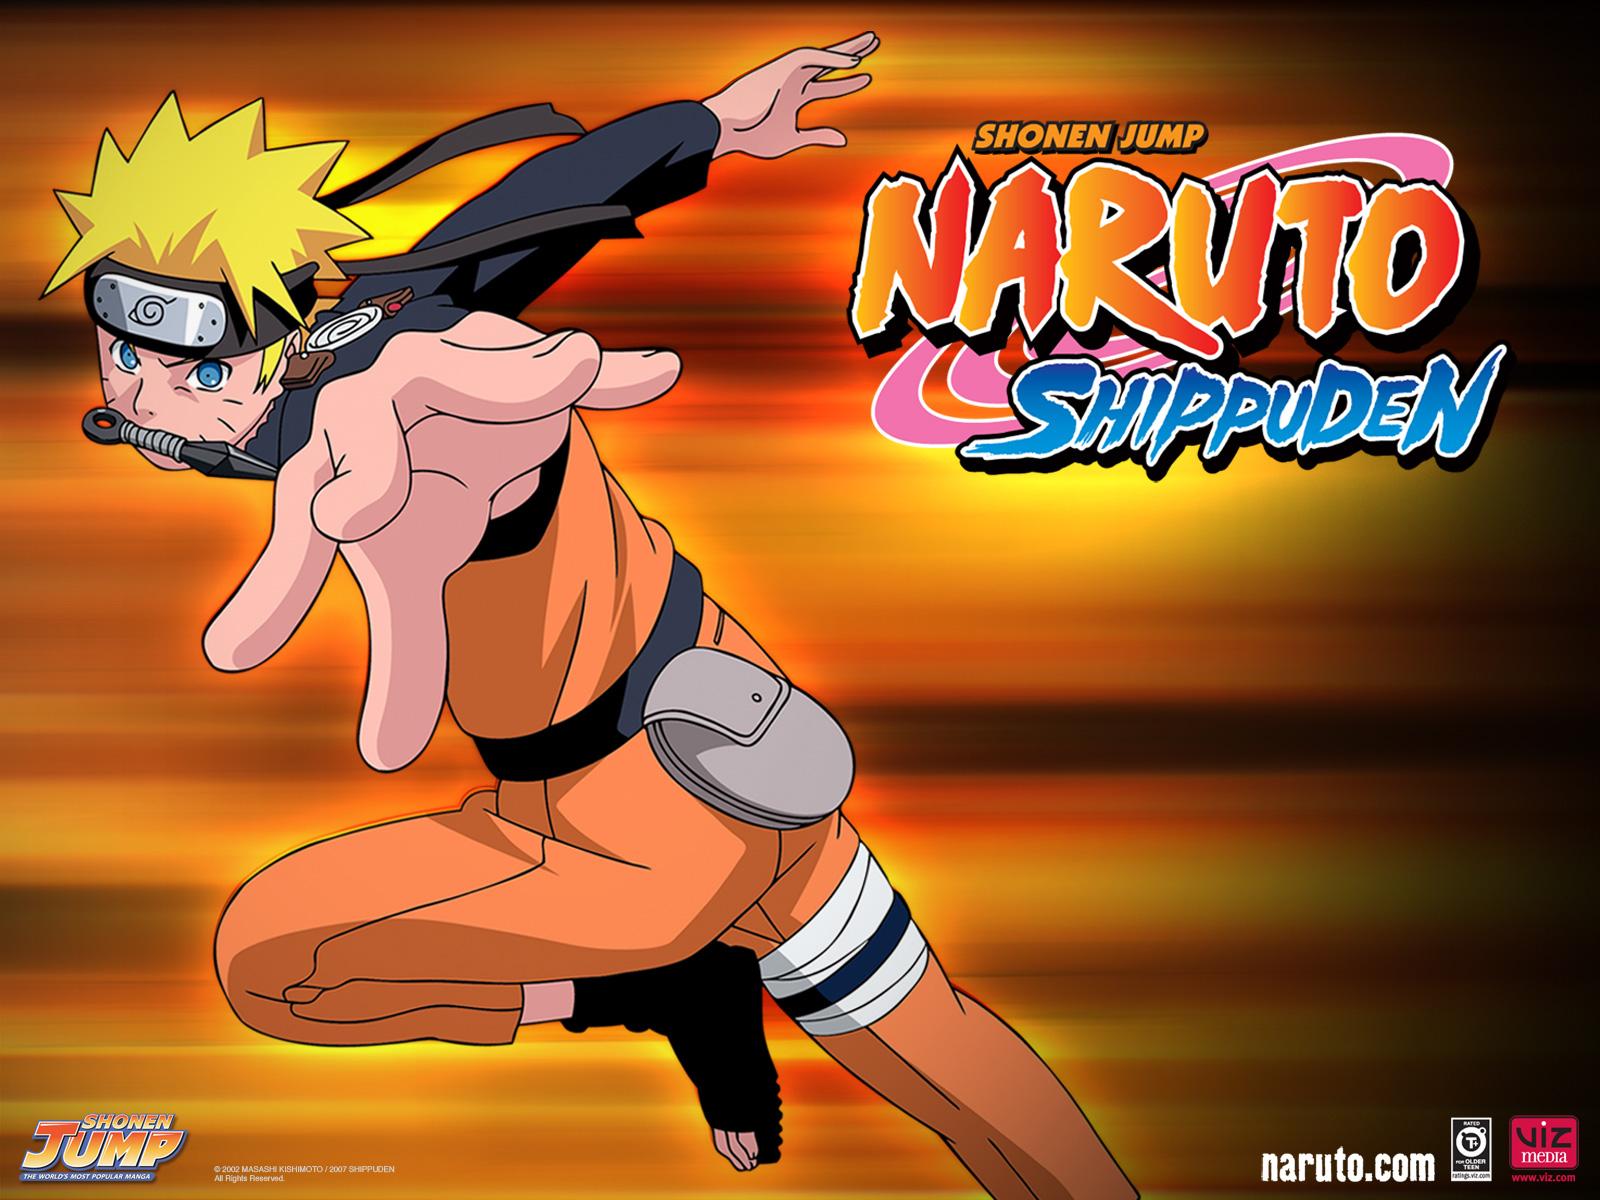 Naruto Shippuuden Naruto Uzumaki 1600x1200